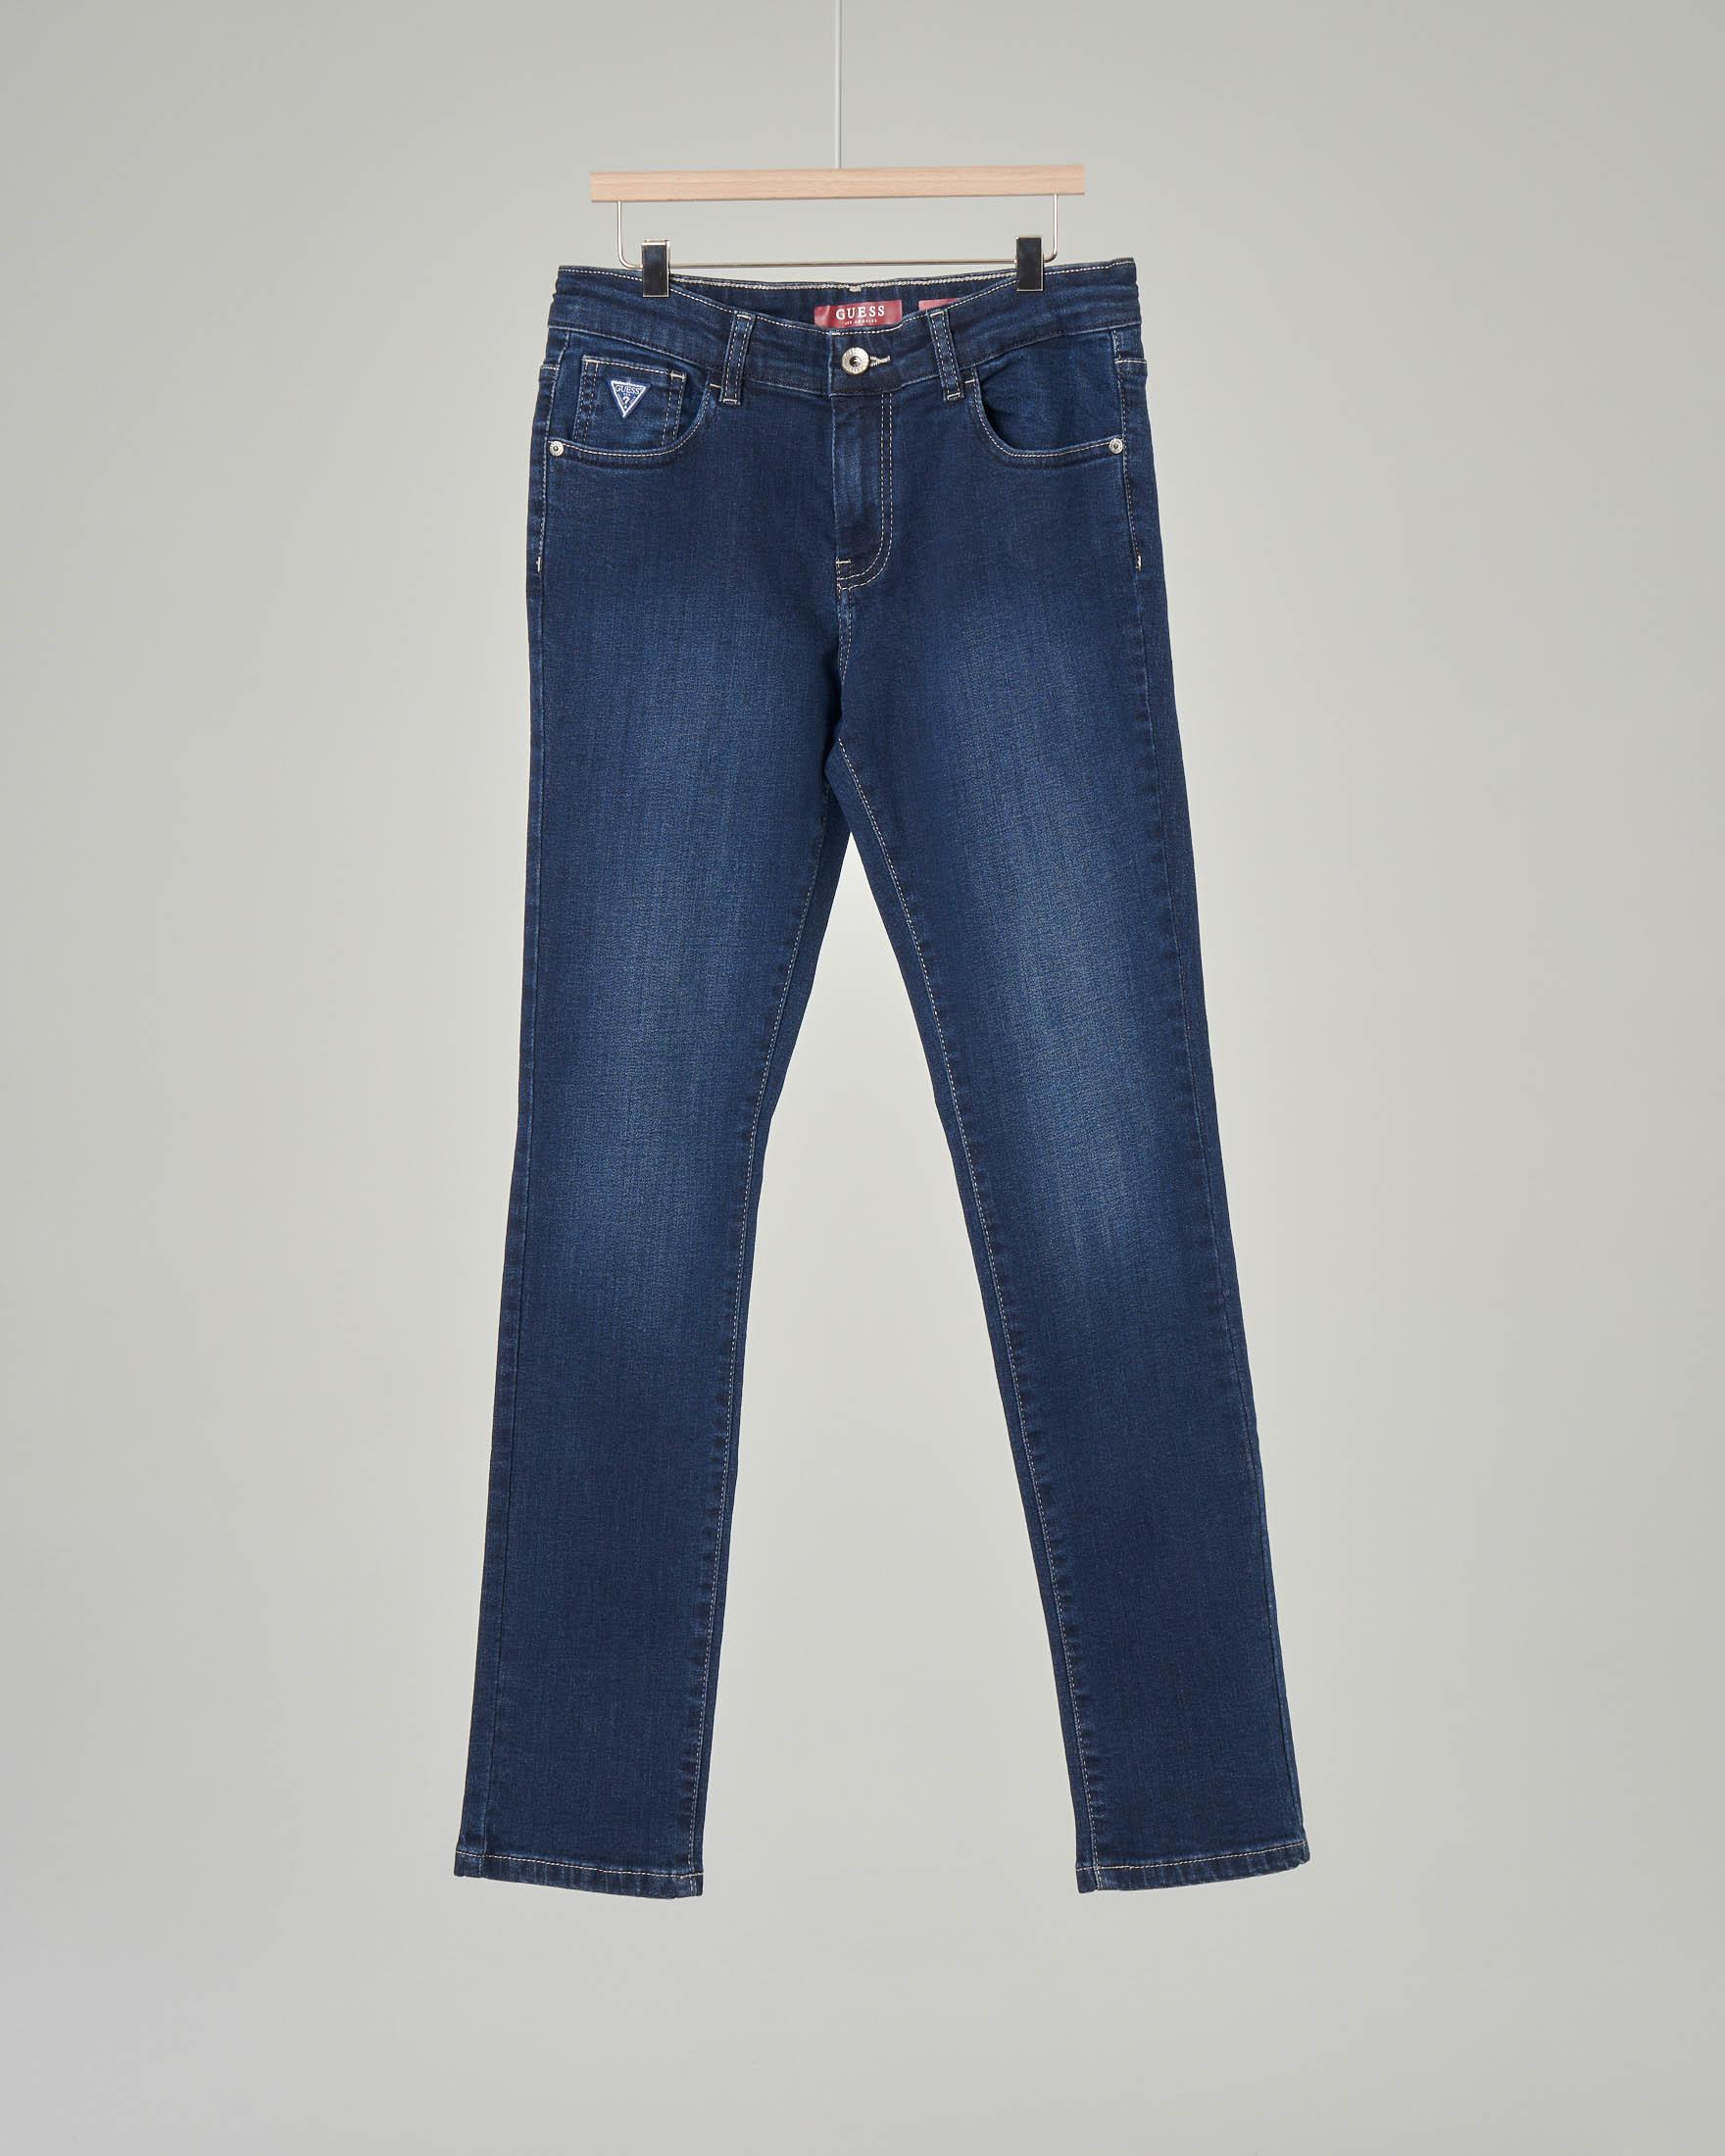 Jeans lavaggio scuro con sbiancature